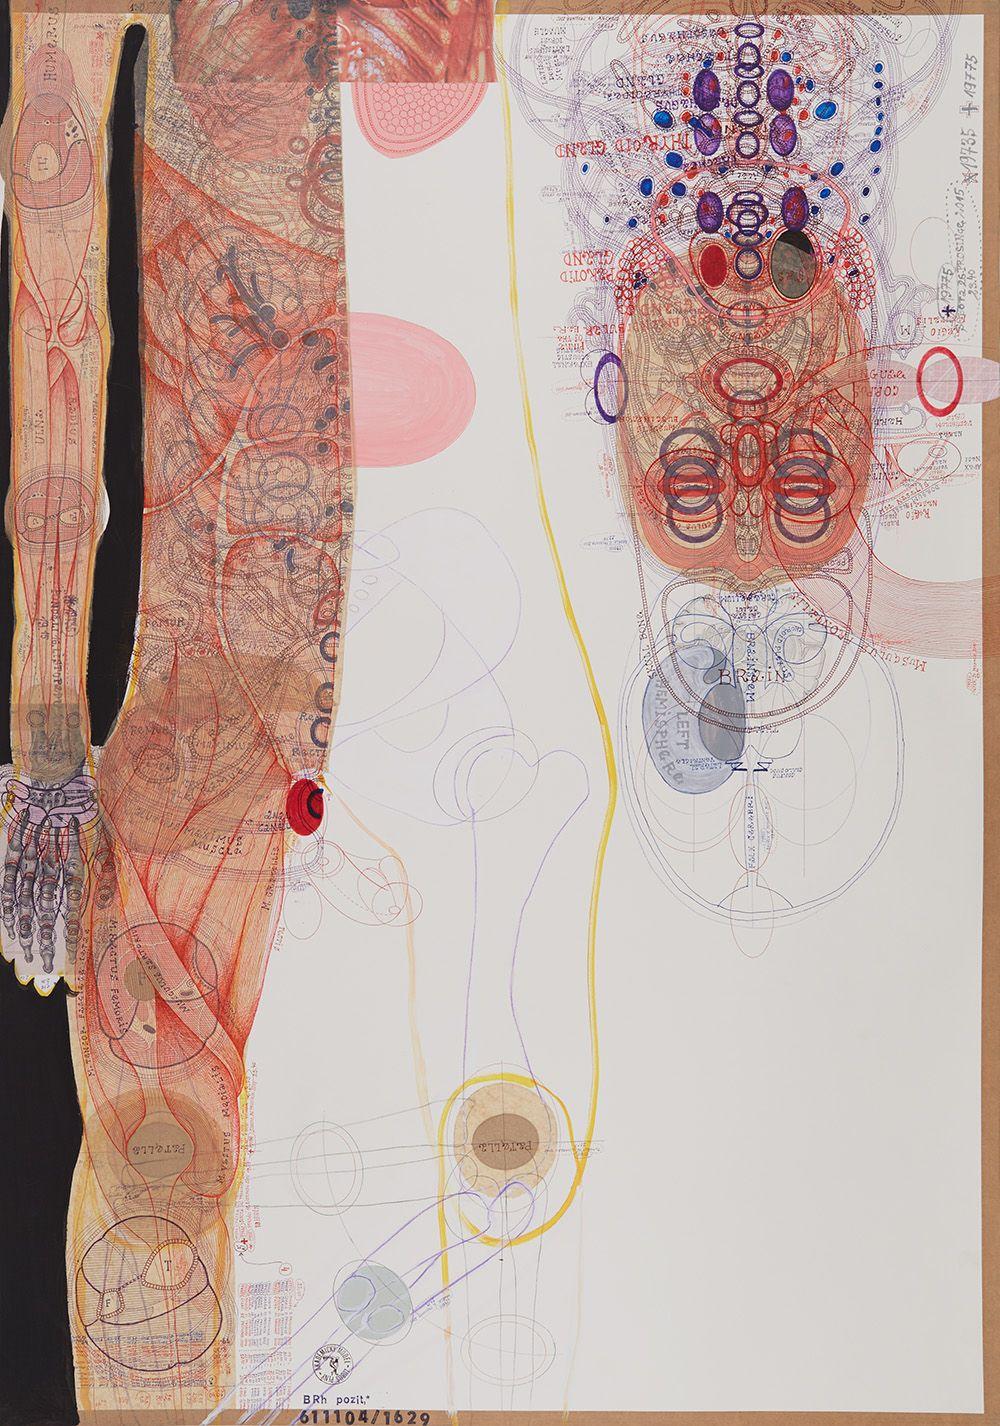 Luboš Plný(1961) Czech Republic, Brain, 2016, Ink, acrylic, collage on paper, 39.37x 27.56 in